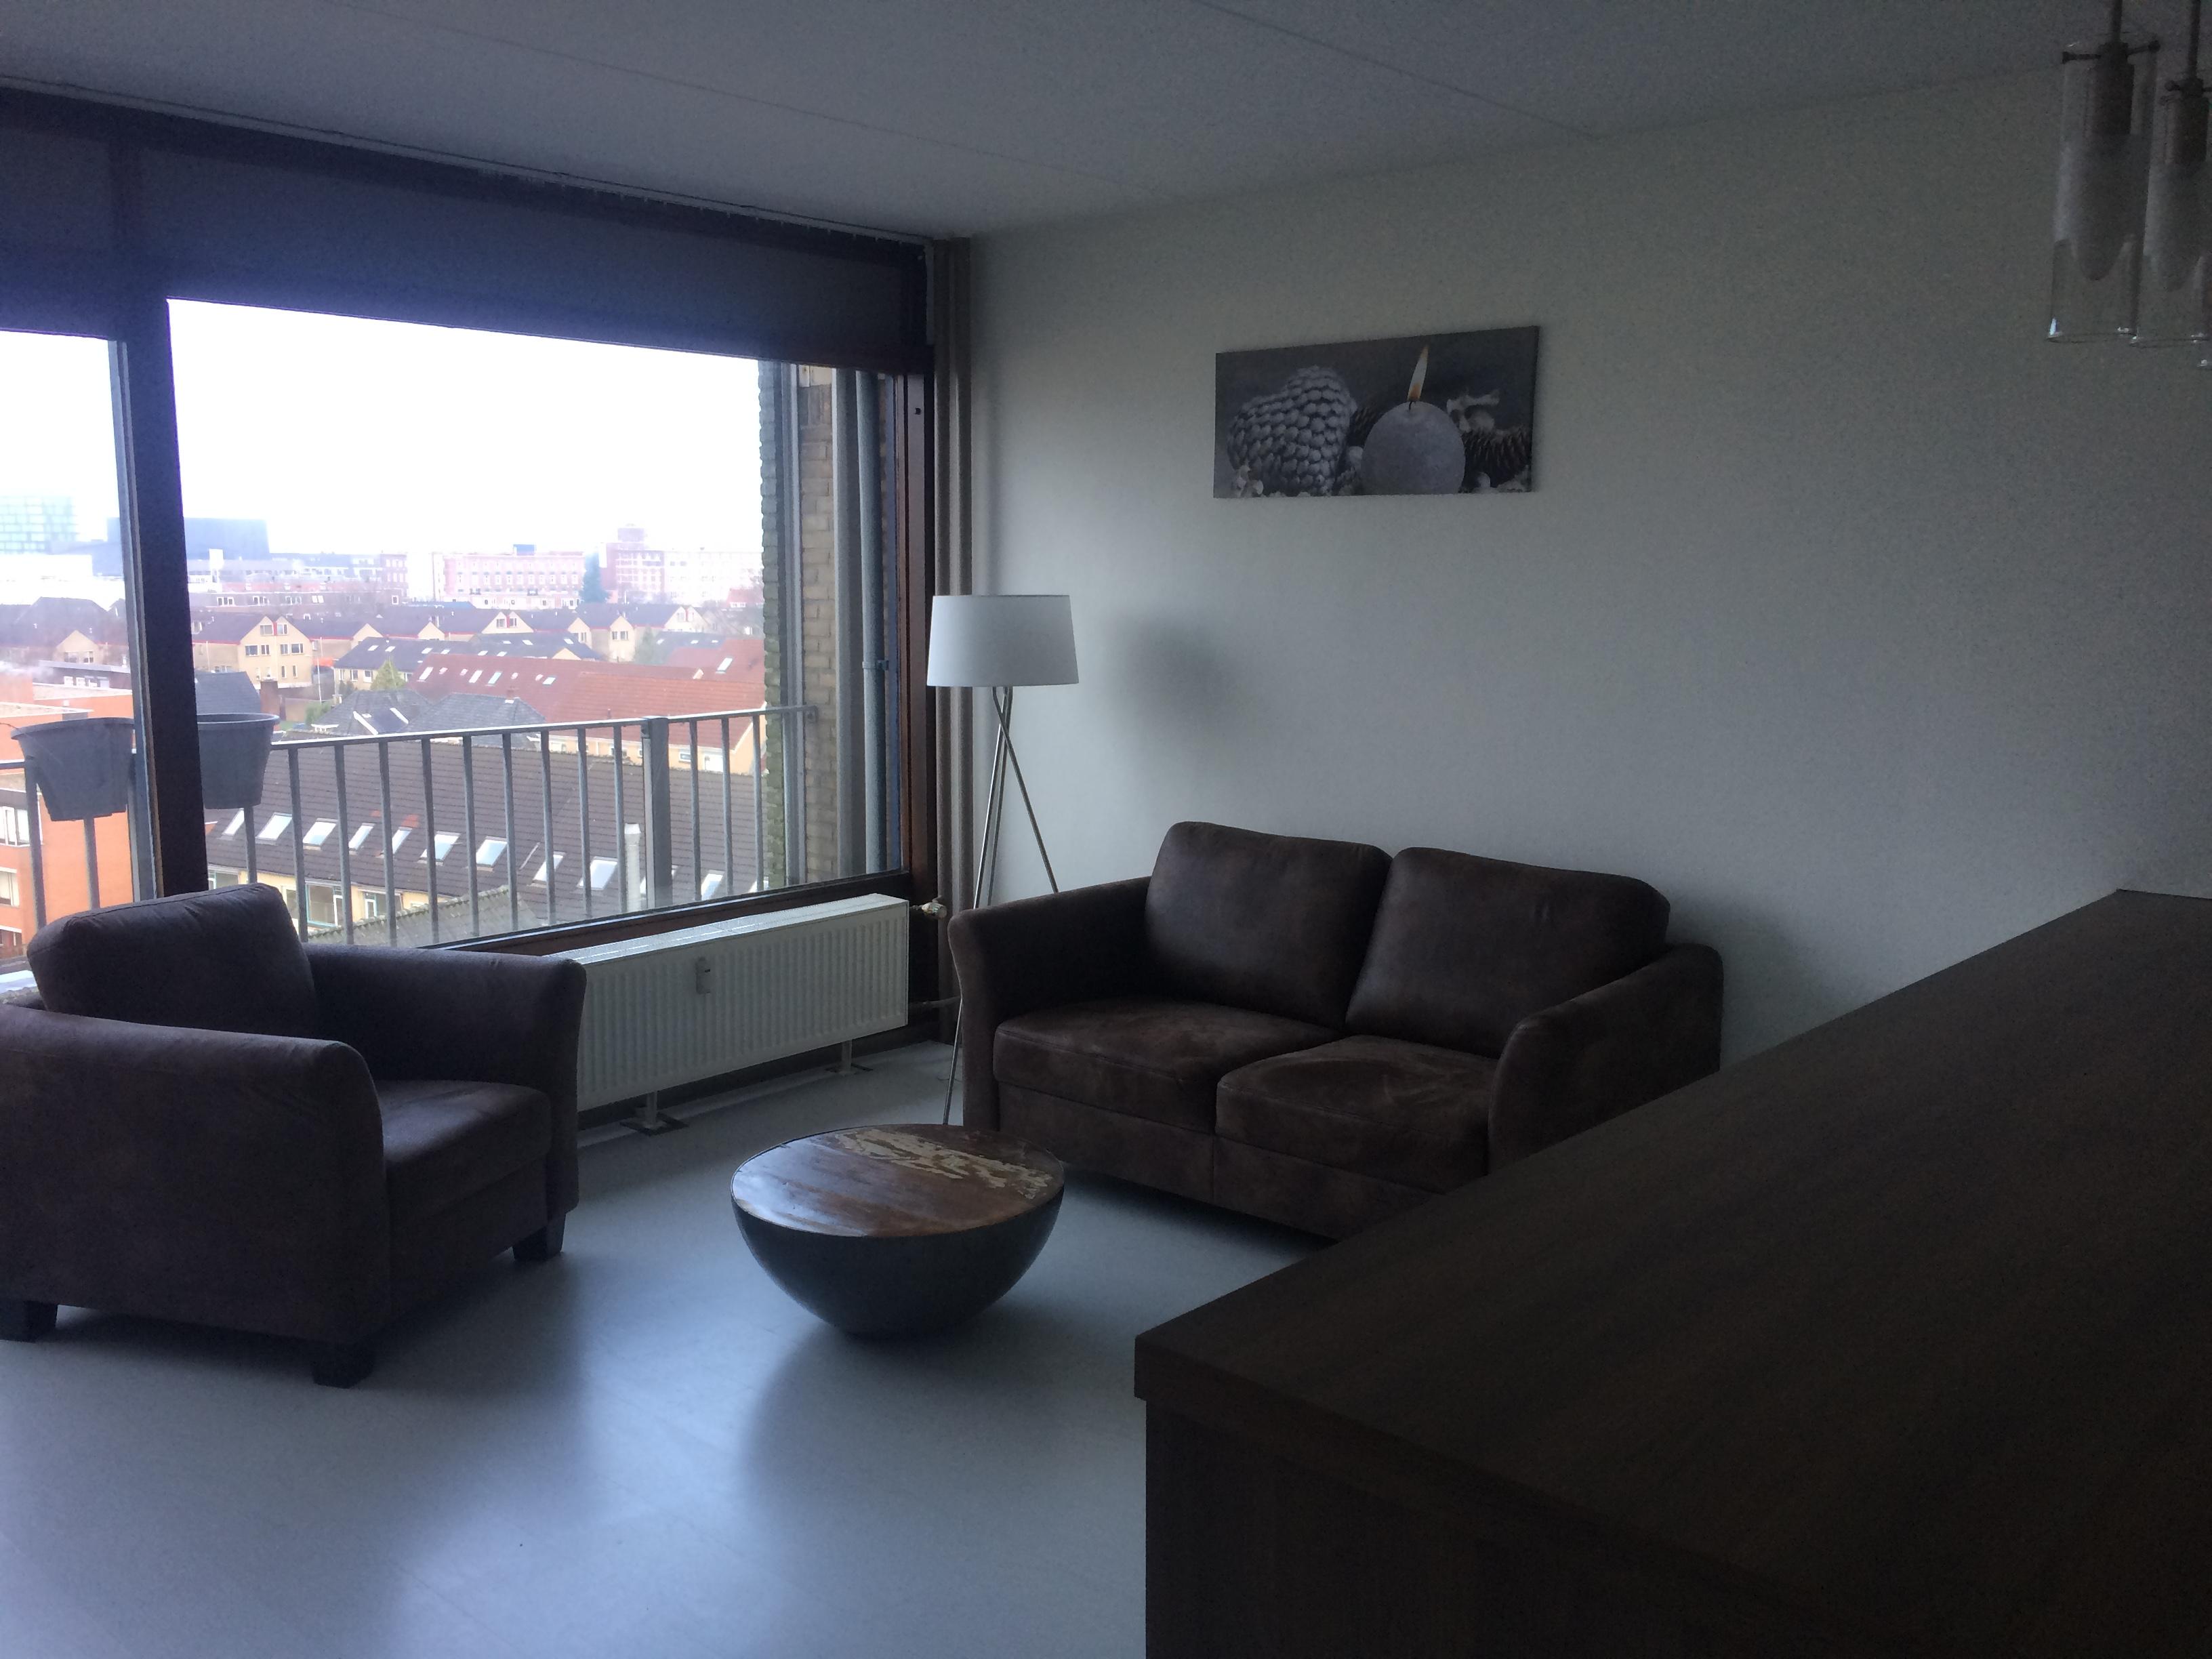 Te Huur - 2053 - Modern 2 kamer appartement in het centrum van ...